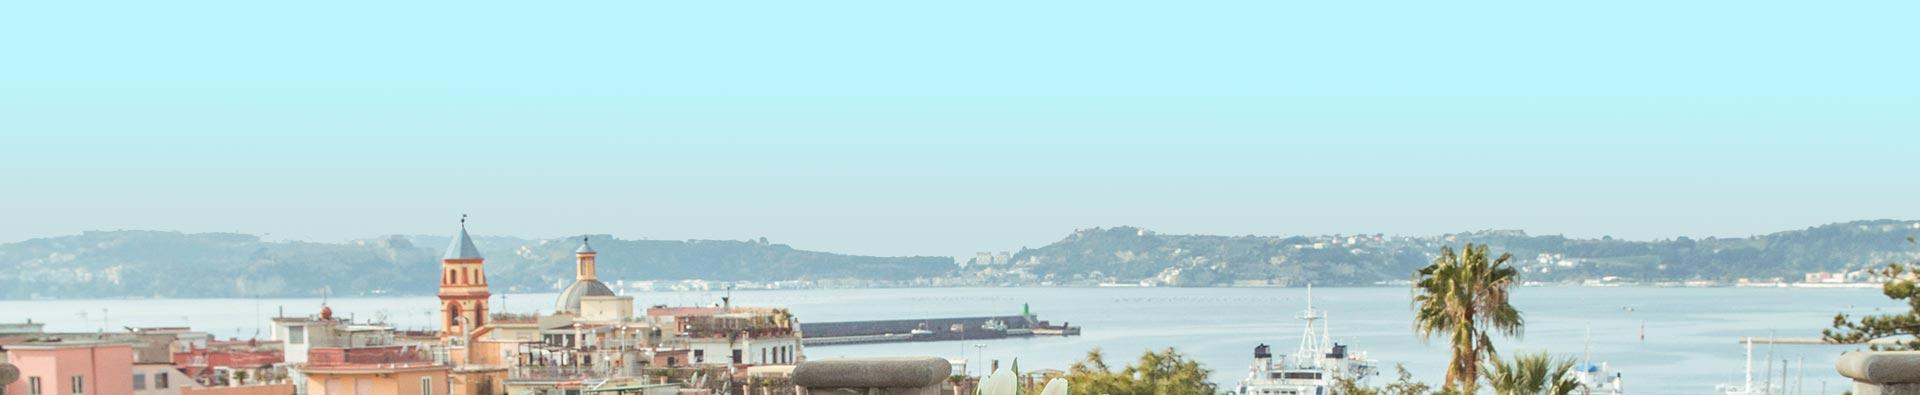 location per matrimonio Napoli Pozzuoli